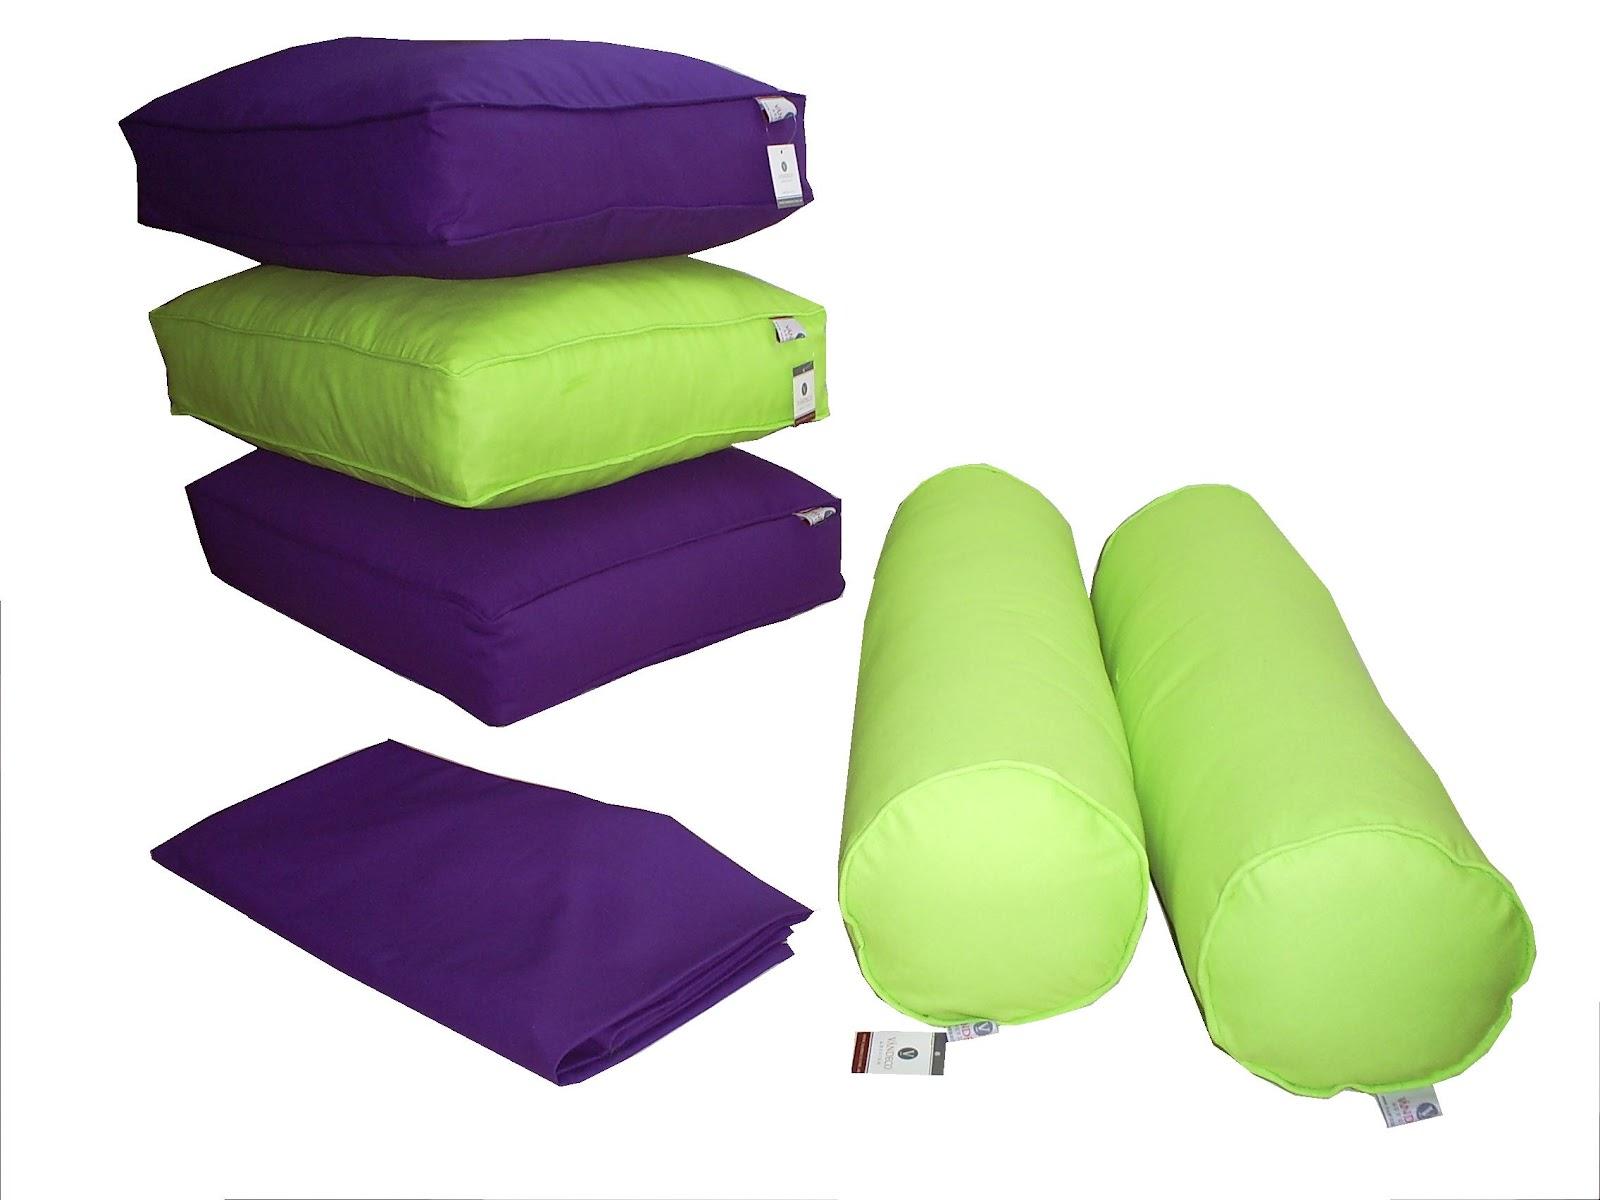 Como hacer almohadones para sillones imagui - Almohadones para decorar sillones ...